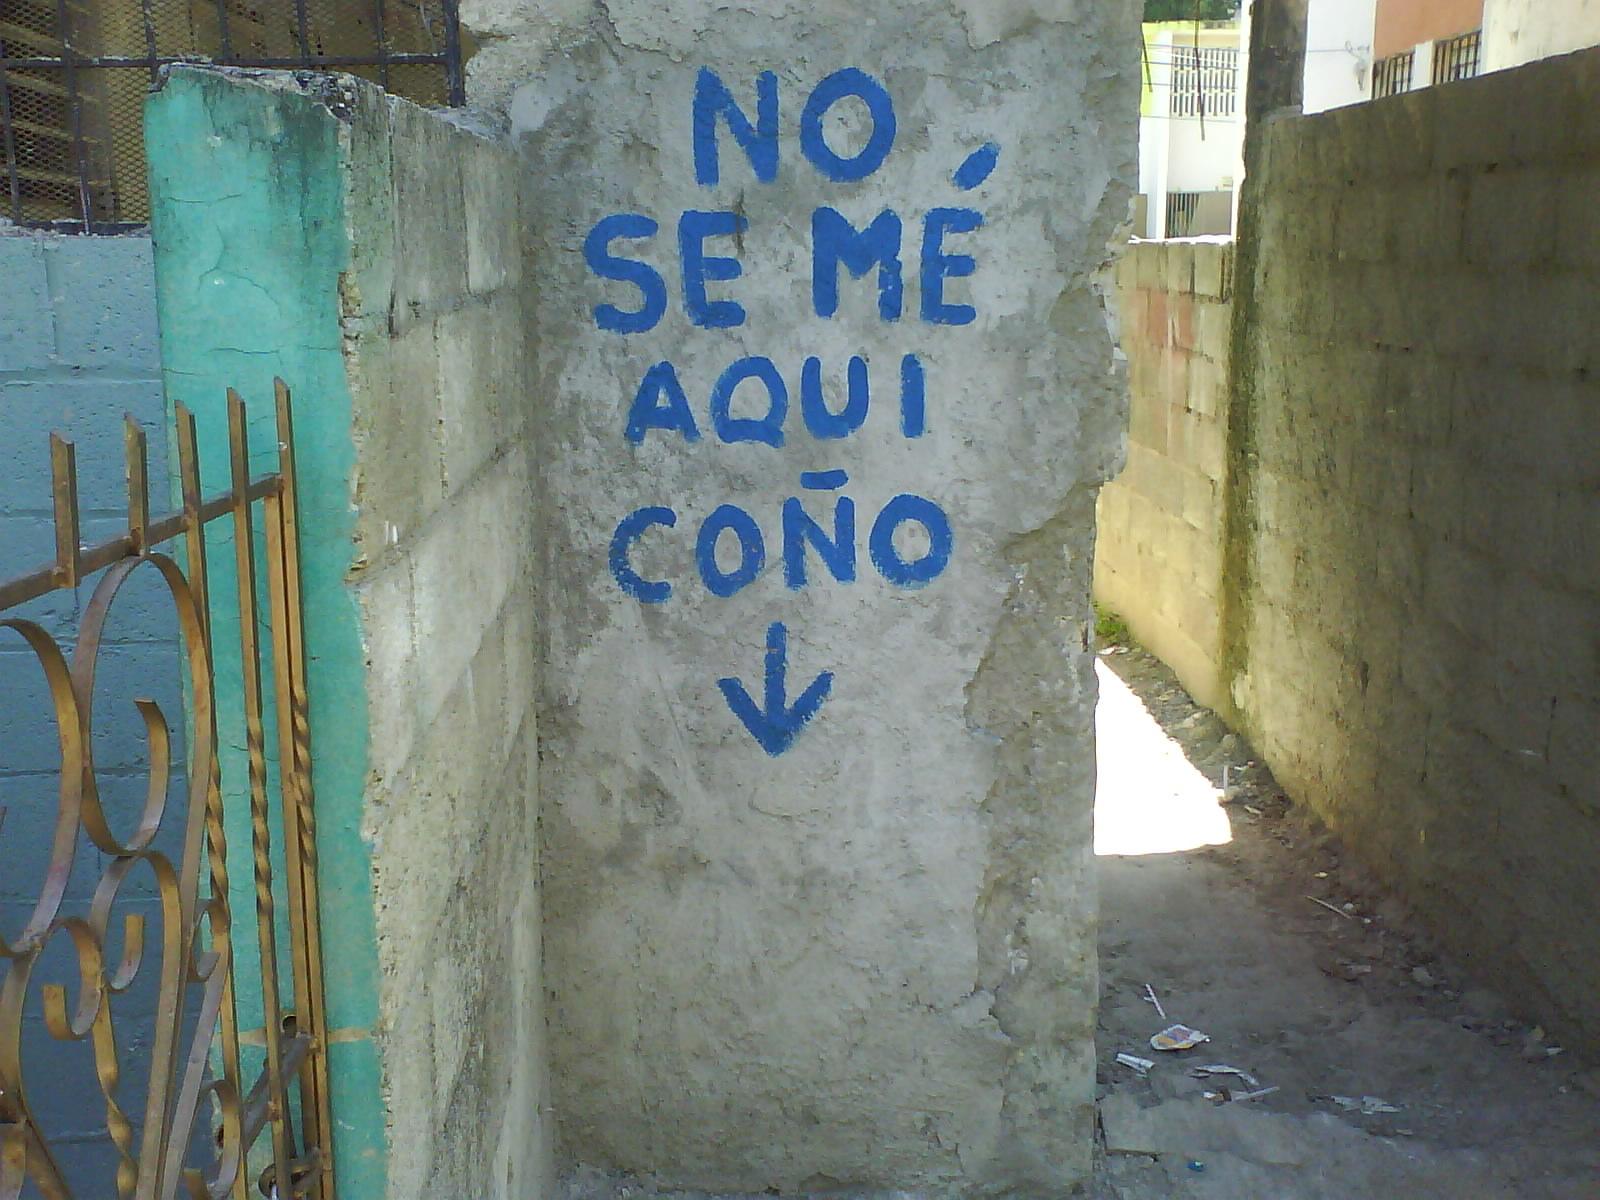 Vaina Dominicana Facebook - imagenes chistosas dominicanas